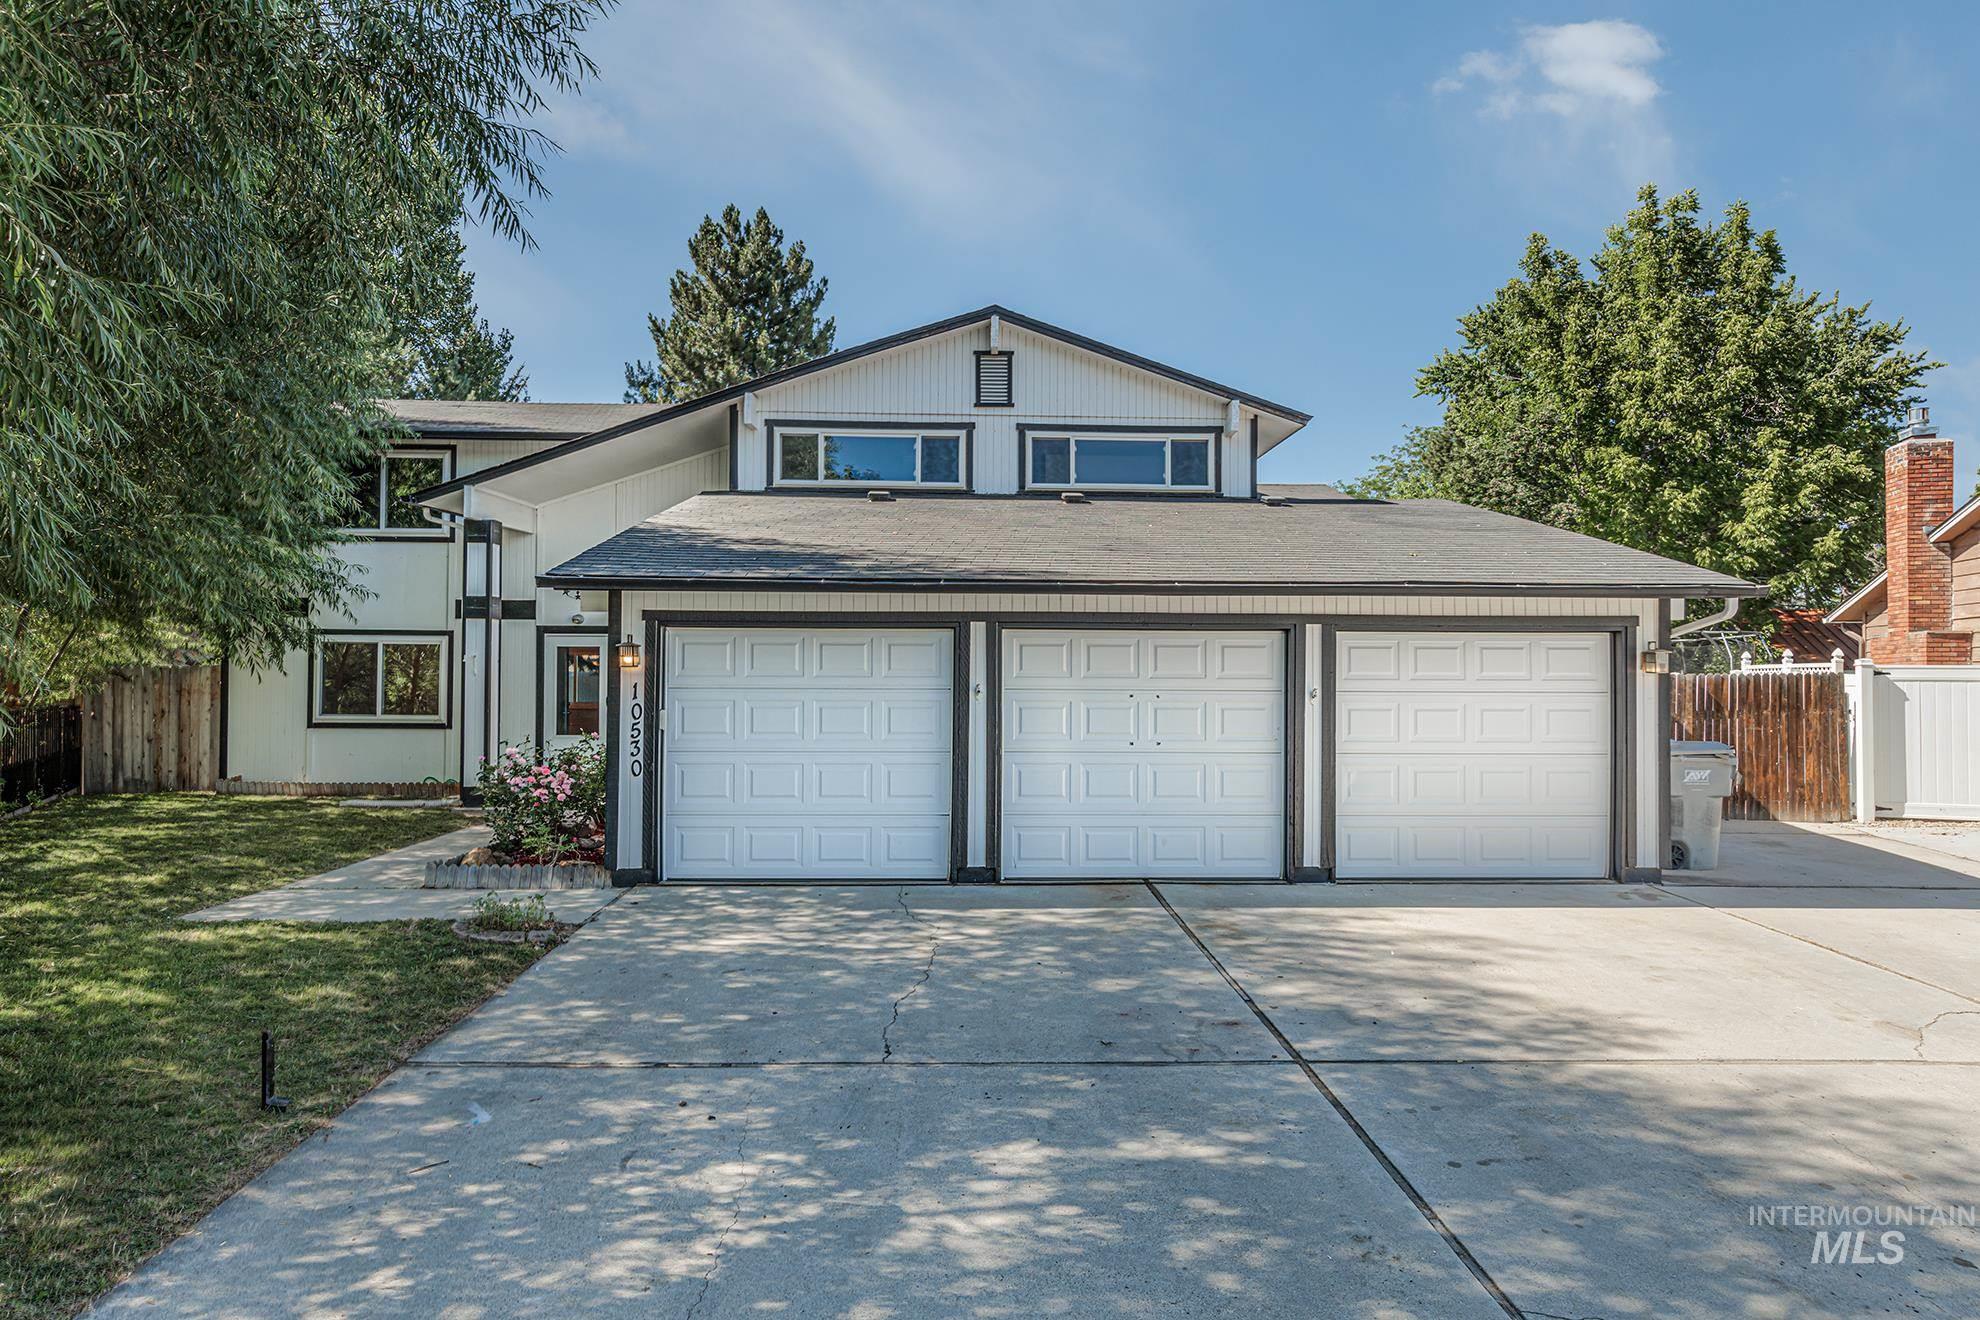 10530 W Treeline St Property Photo